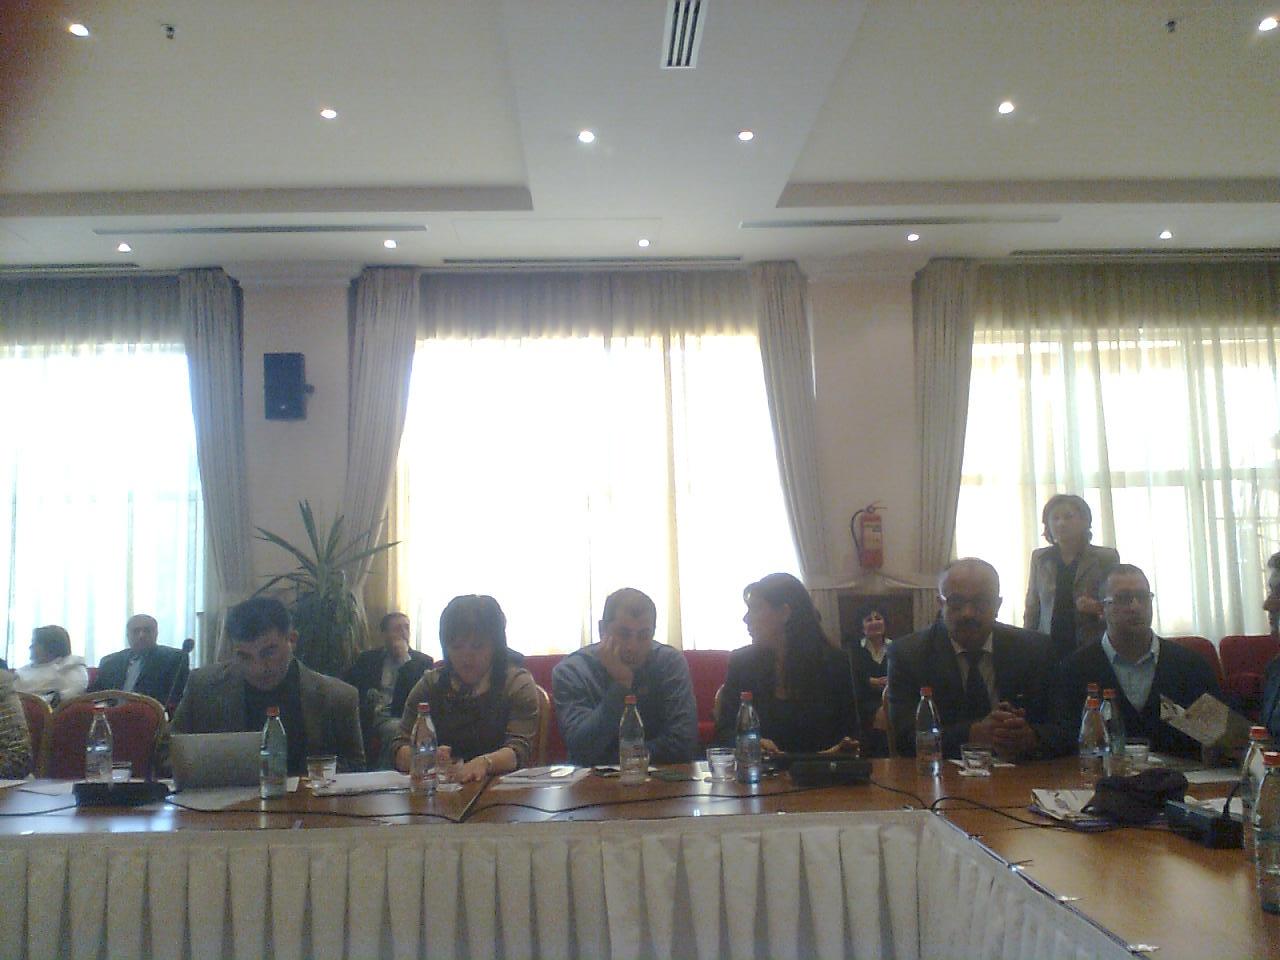 Կլոր սեղան քննարկում` Գործատու-զբաղվածության պետական ծառայություն /ԶՊԾ/